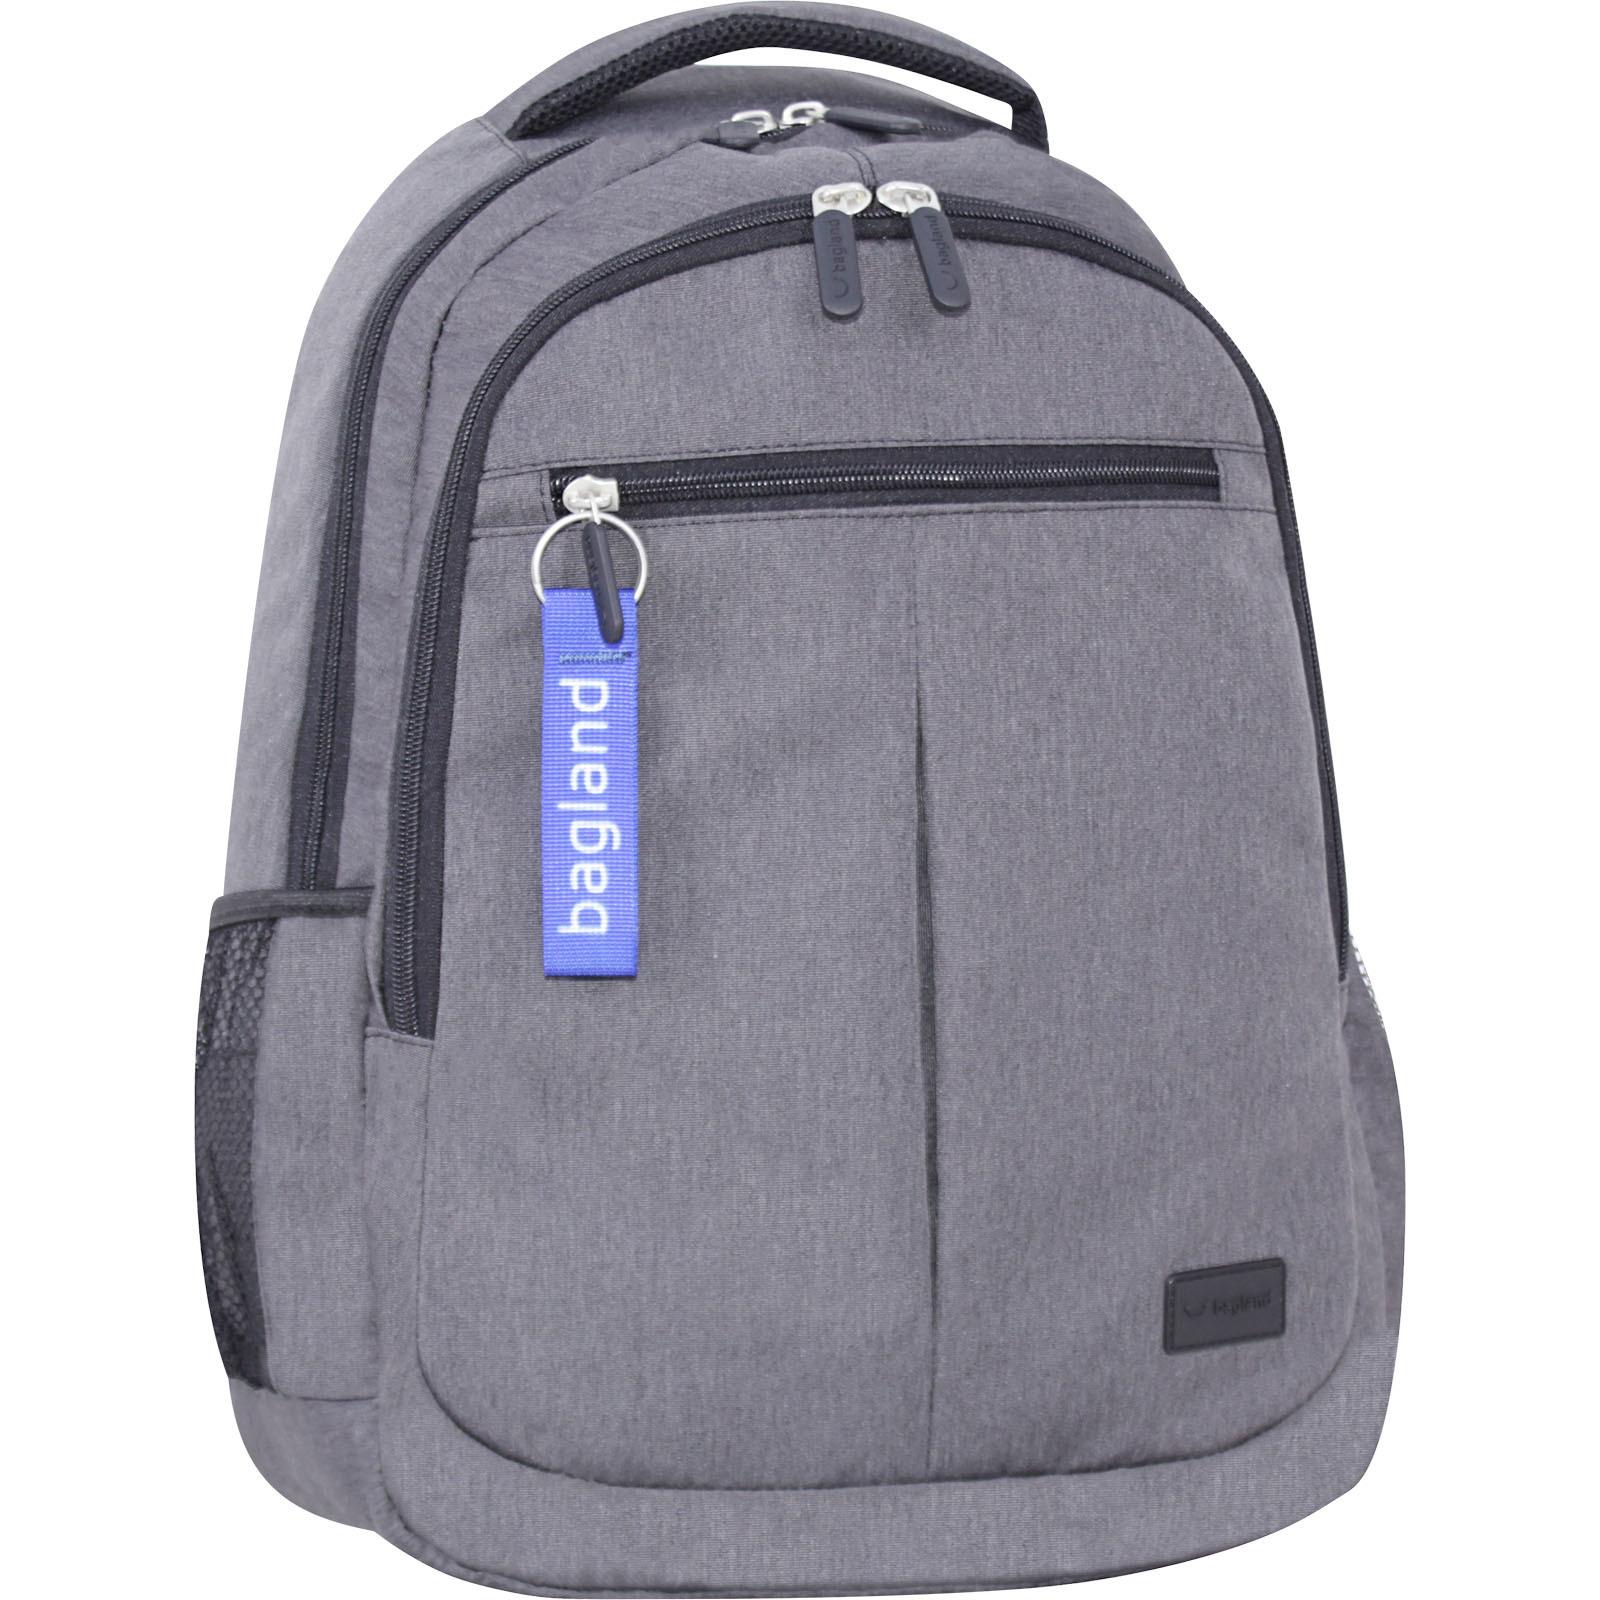 Мужские рюкзаки Рюкзак Bagland Дрезден 32 л. Серый (0051969) IMG_7653-1600.jpg